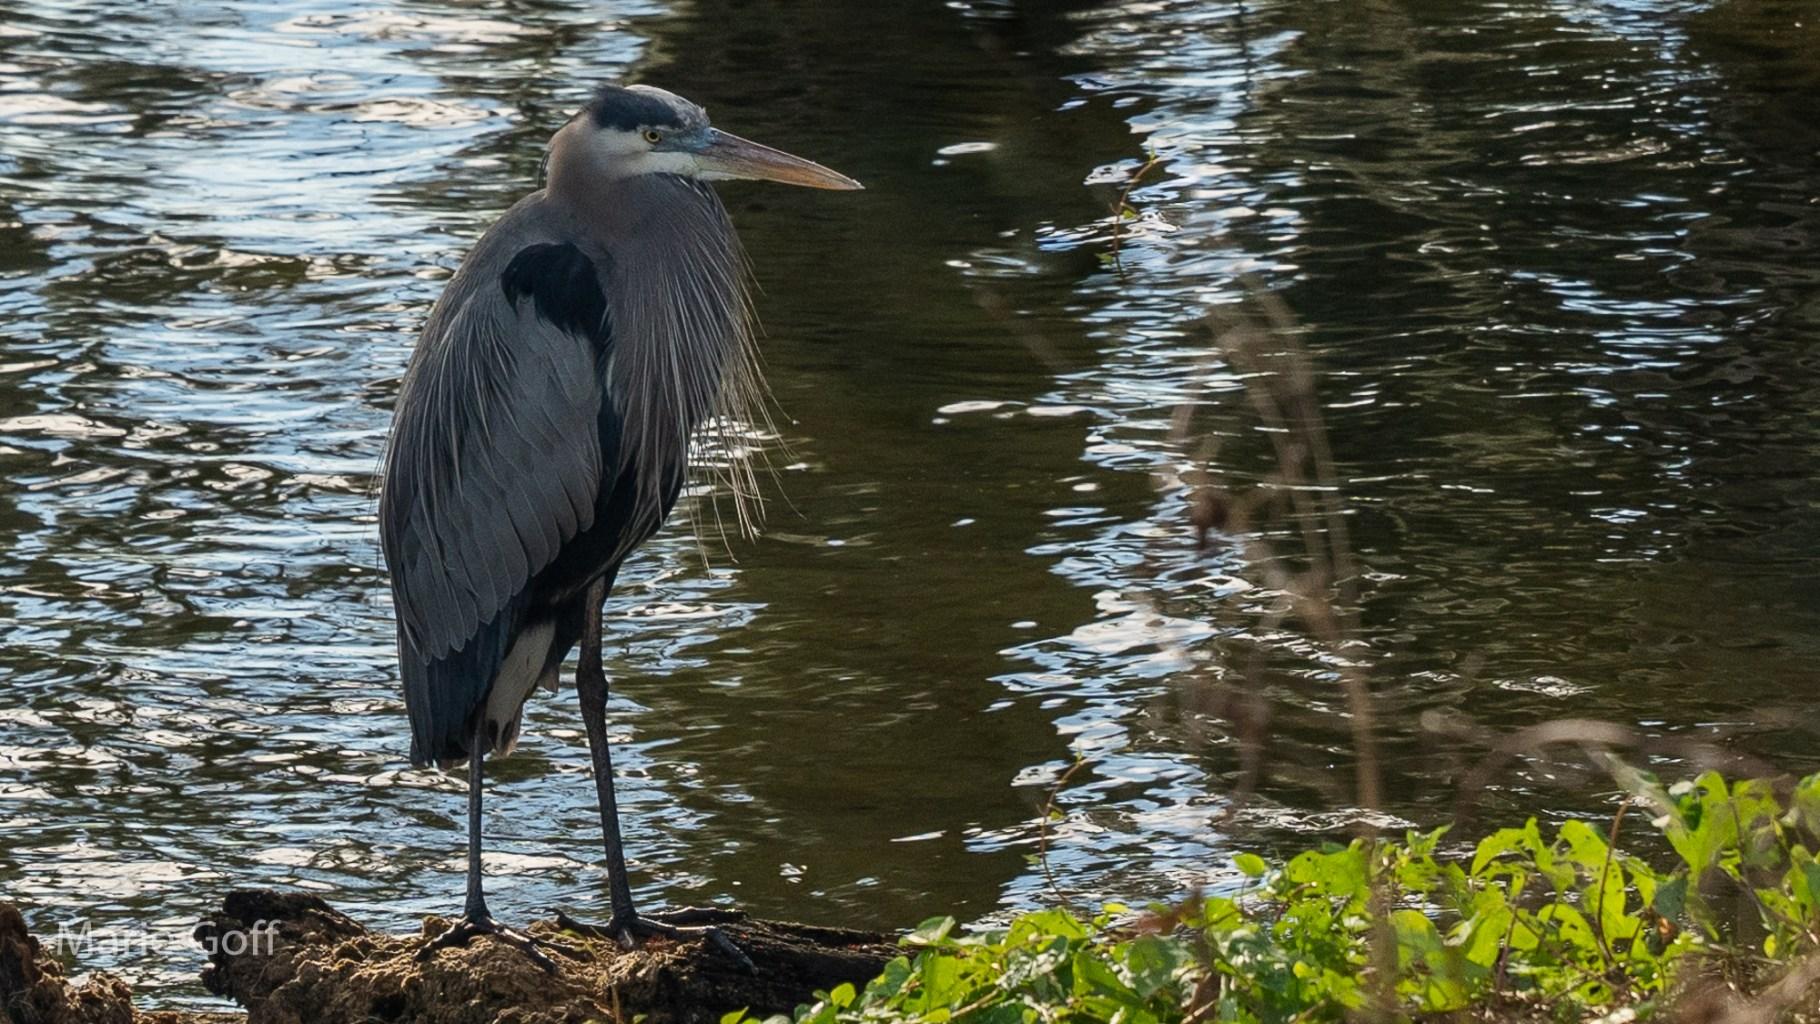 Bird standing in water